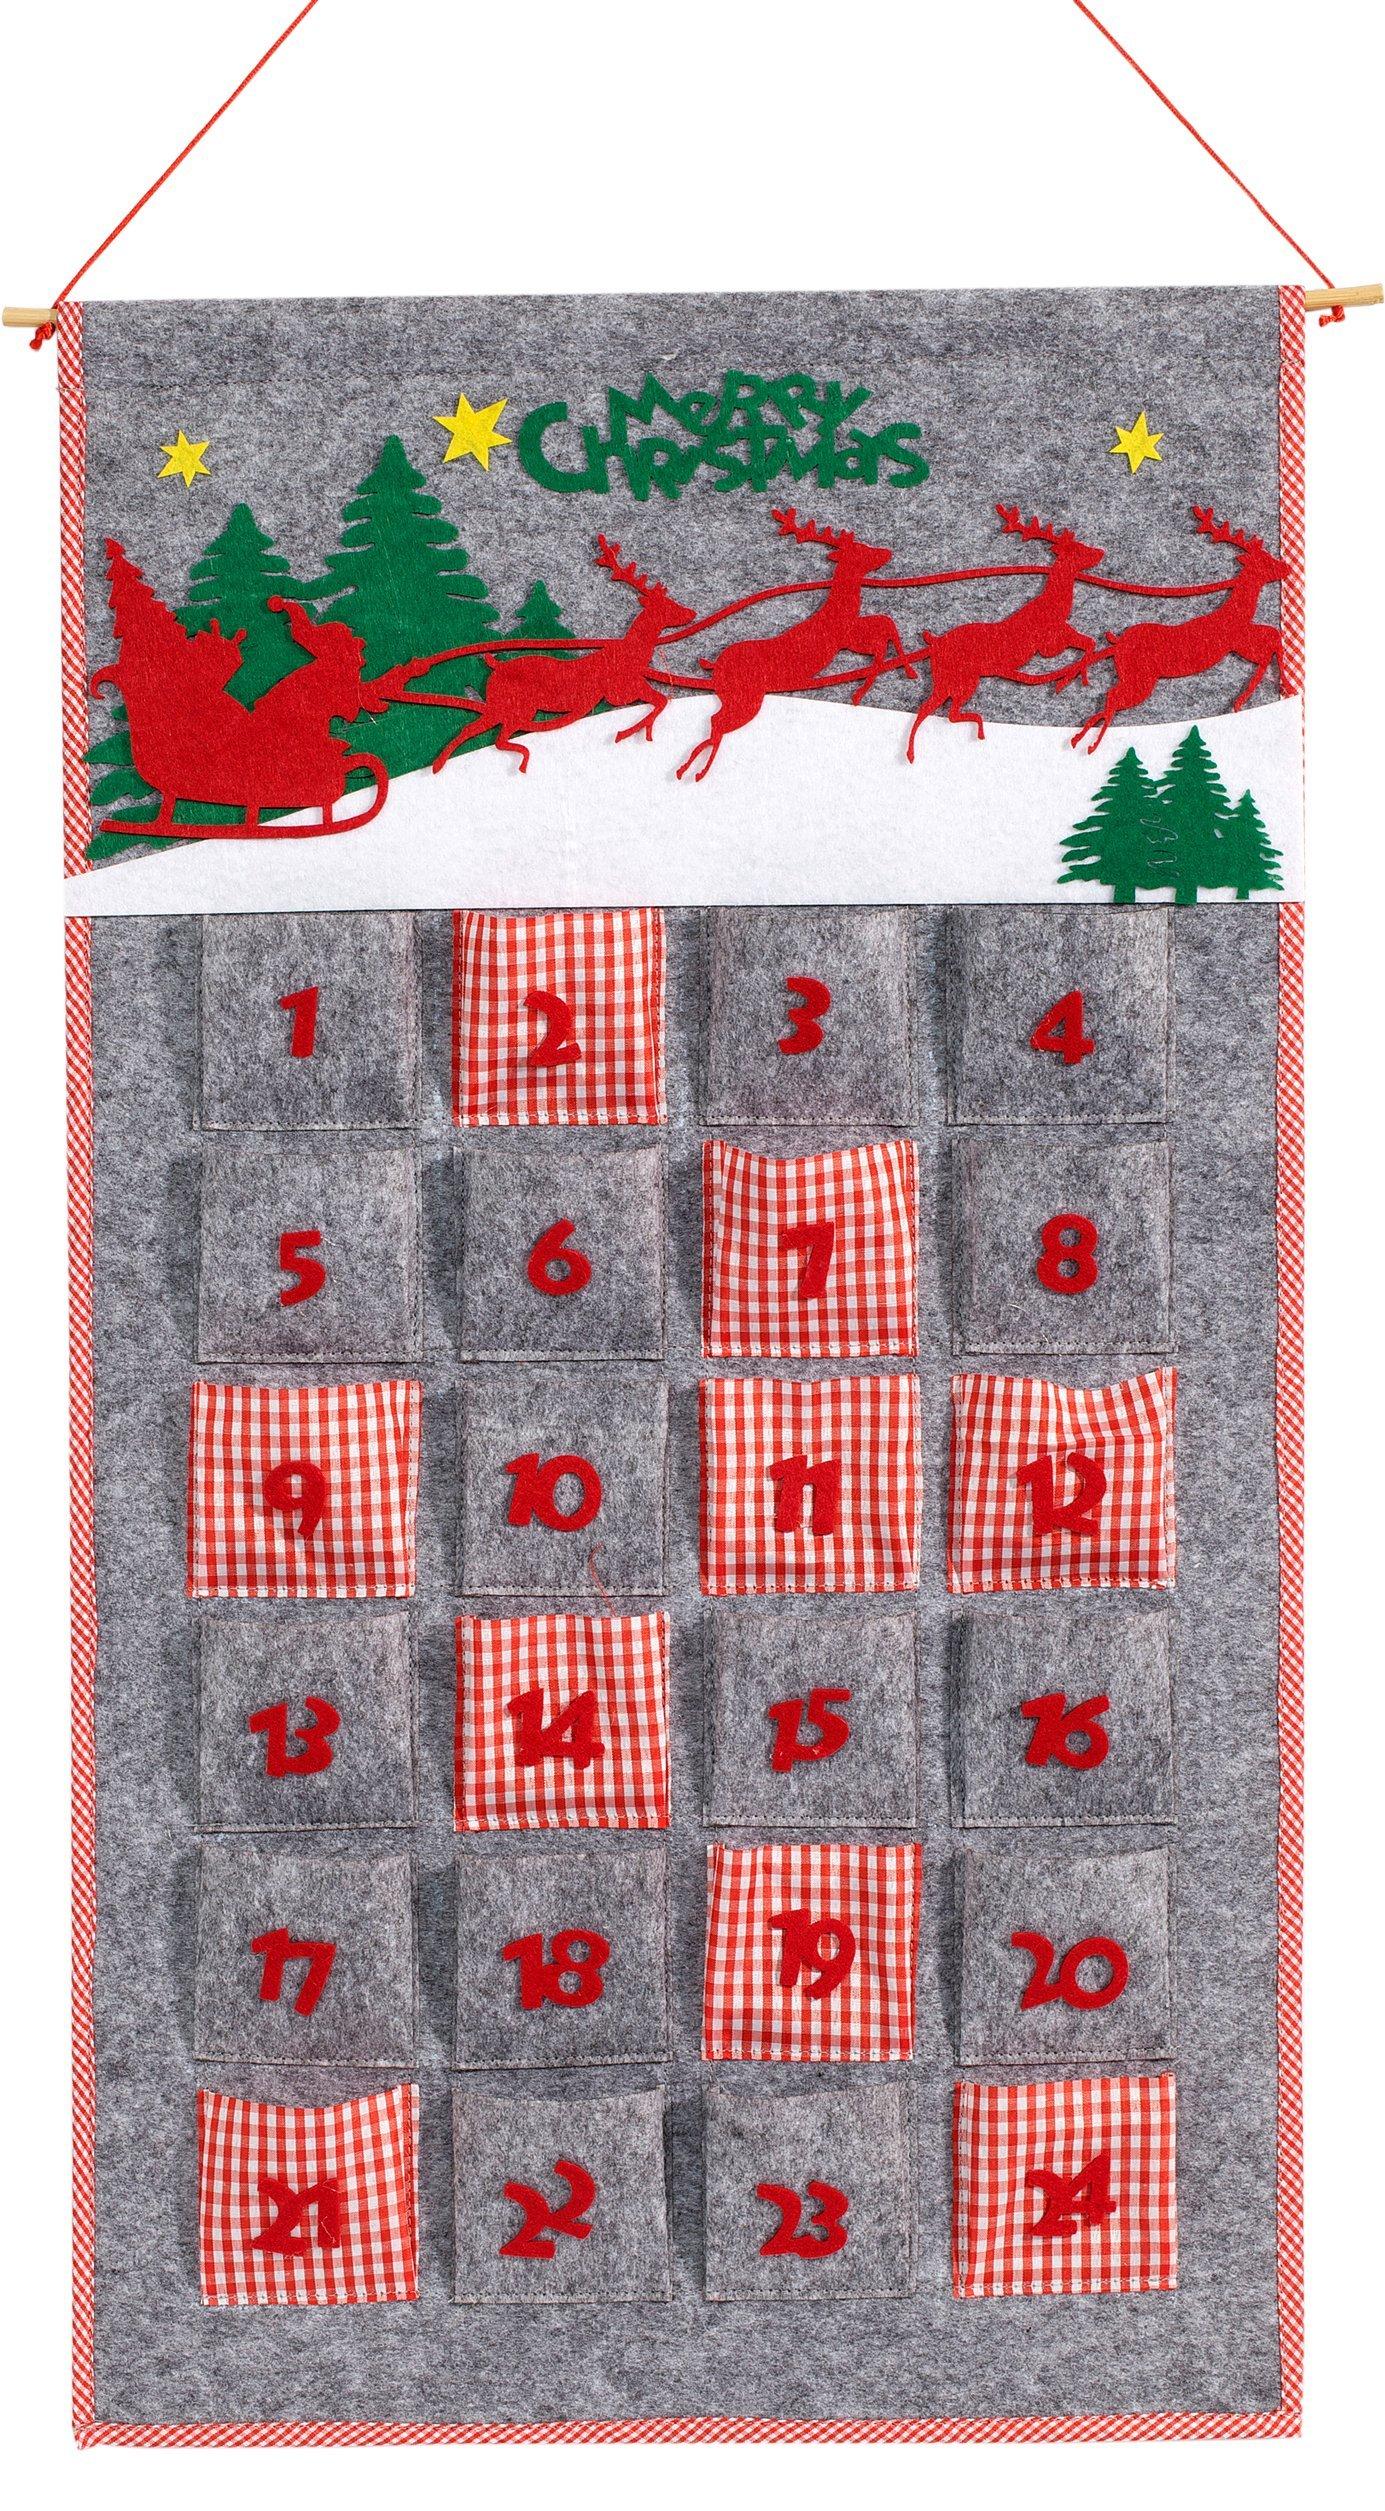 Calendario Dellavvento In Feltro.Heitmann Deco 90439 Calendario Dell Avvento In Feltro Da Riempire Autonomamente Plastica Rosso Grigio 75 X 47 X 1 1 Cm Casame